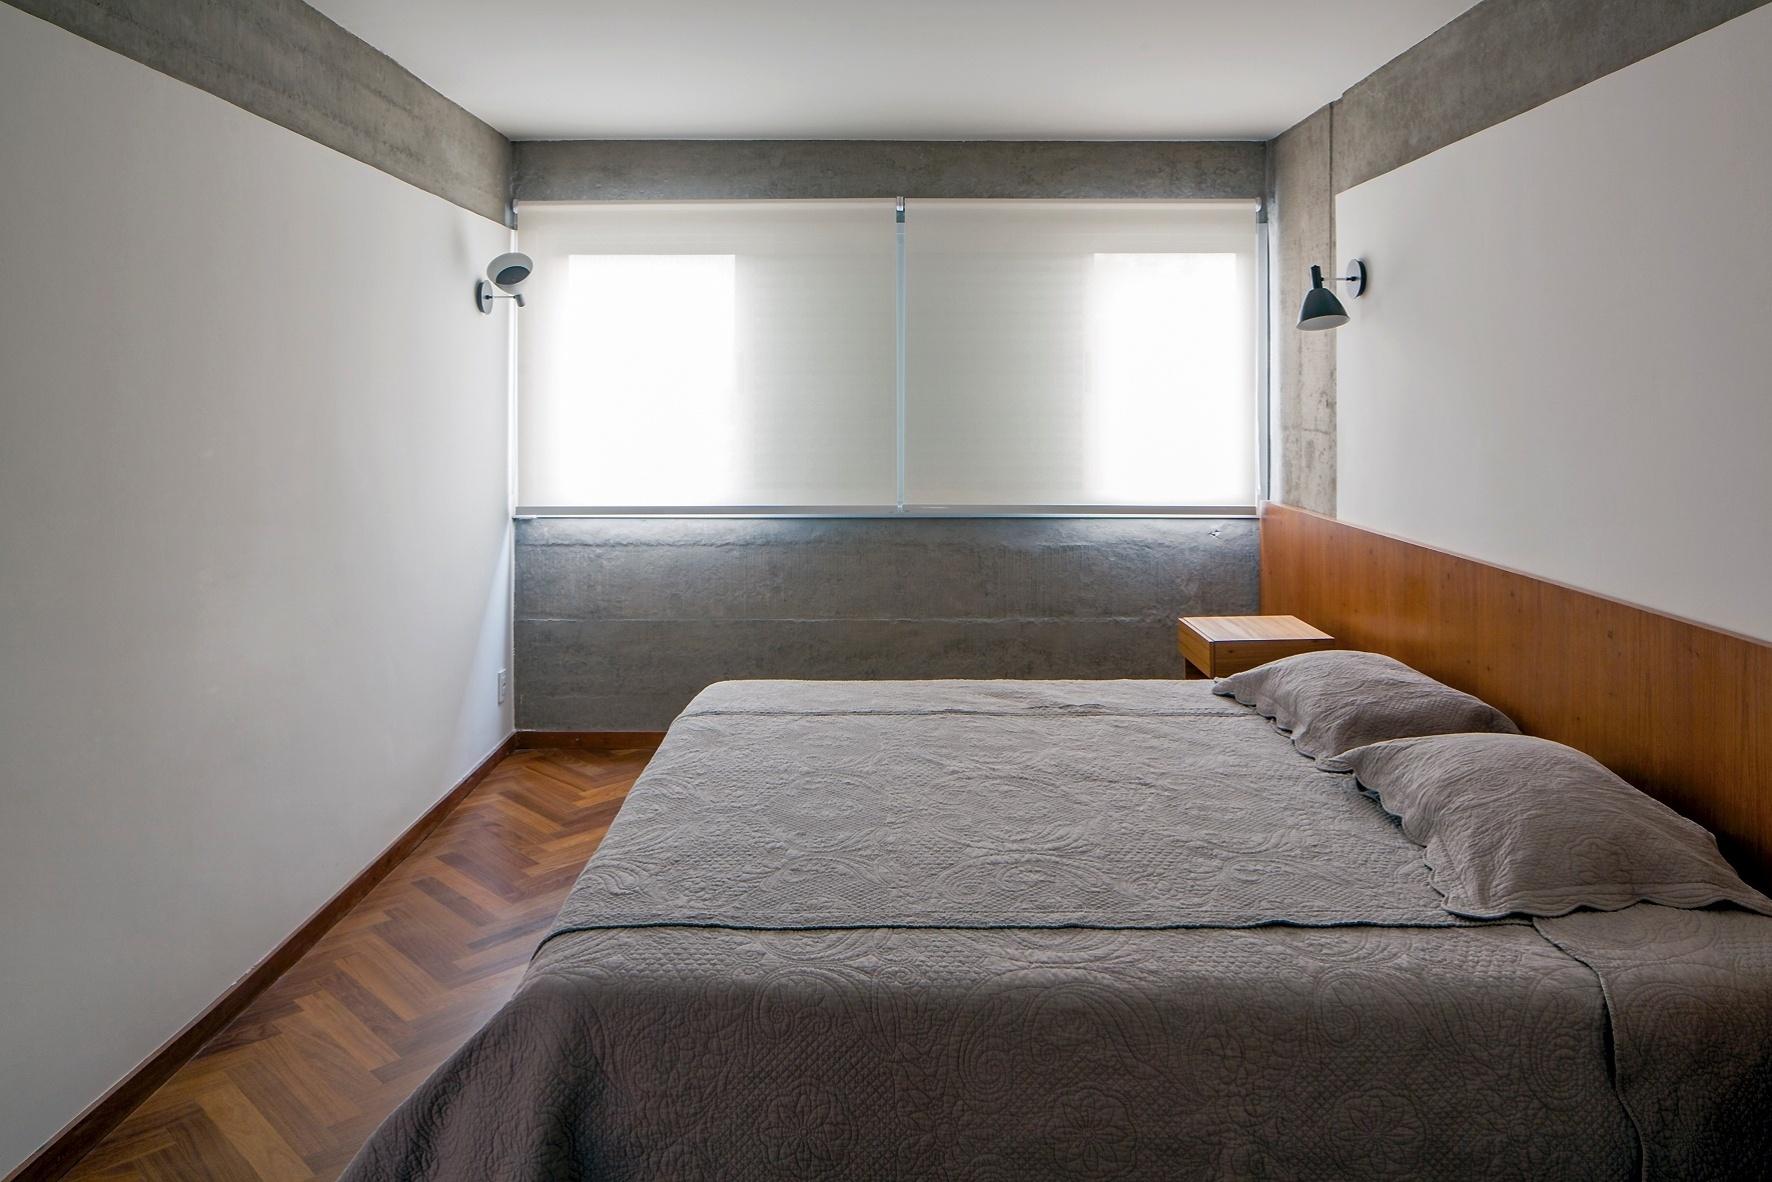 A principal mudança na planta do Apartamento FT está na área íntima: dois dormitórios se transformaram em apenas um, mais espaçoso e com closet. Nele, os elementos estruturais também ficam expostos e, como na área social, não há iluminação direta central: a luz das arandelas são refletidas nas paredes brancas. A reforma foi projetada pelo escritório Pascali Semerdjian Arquitetos